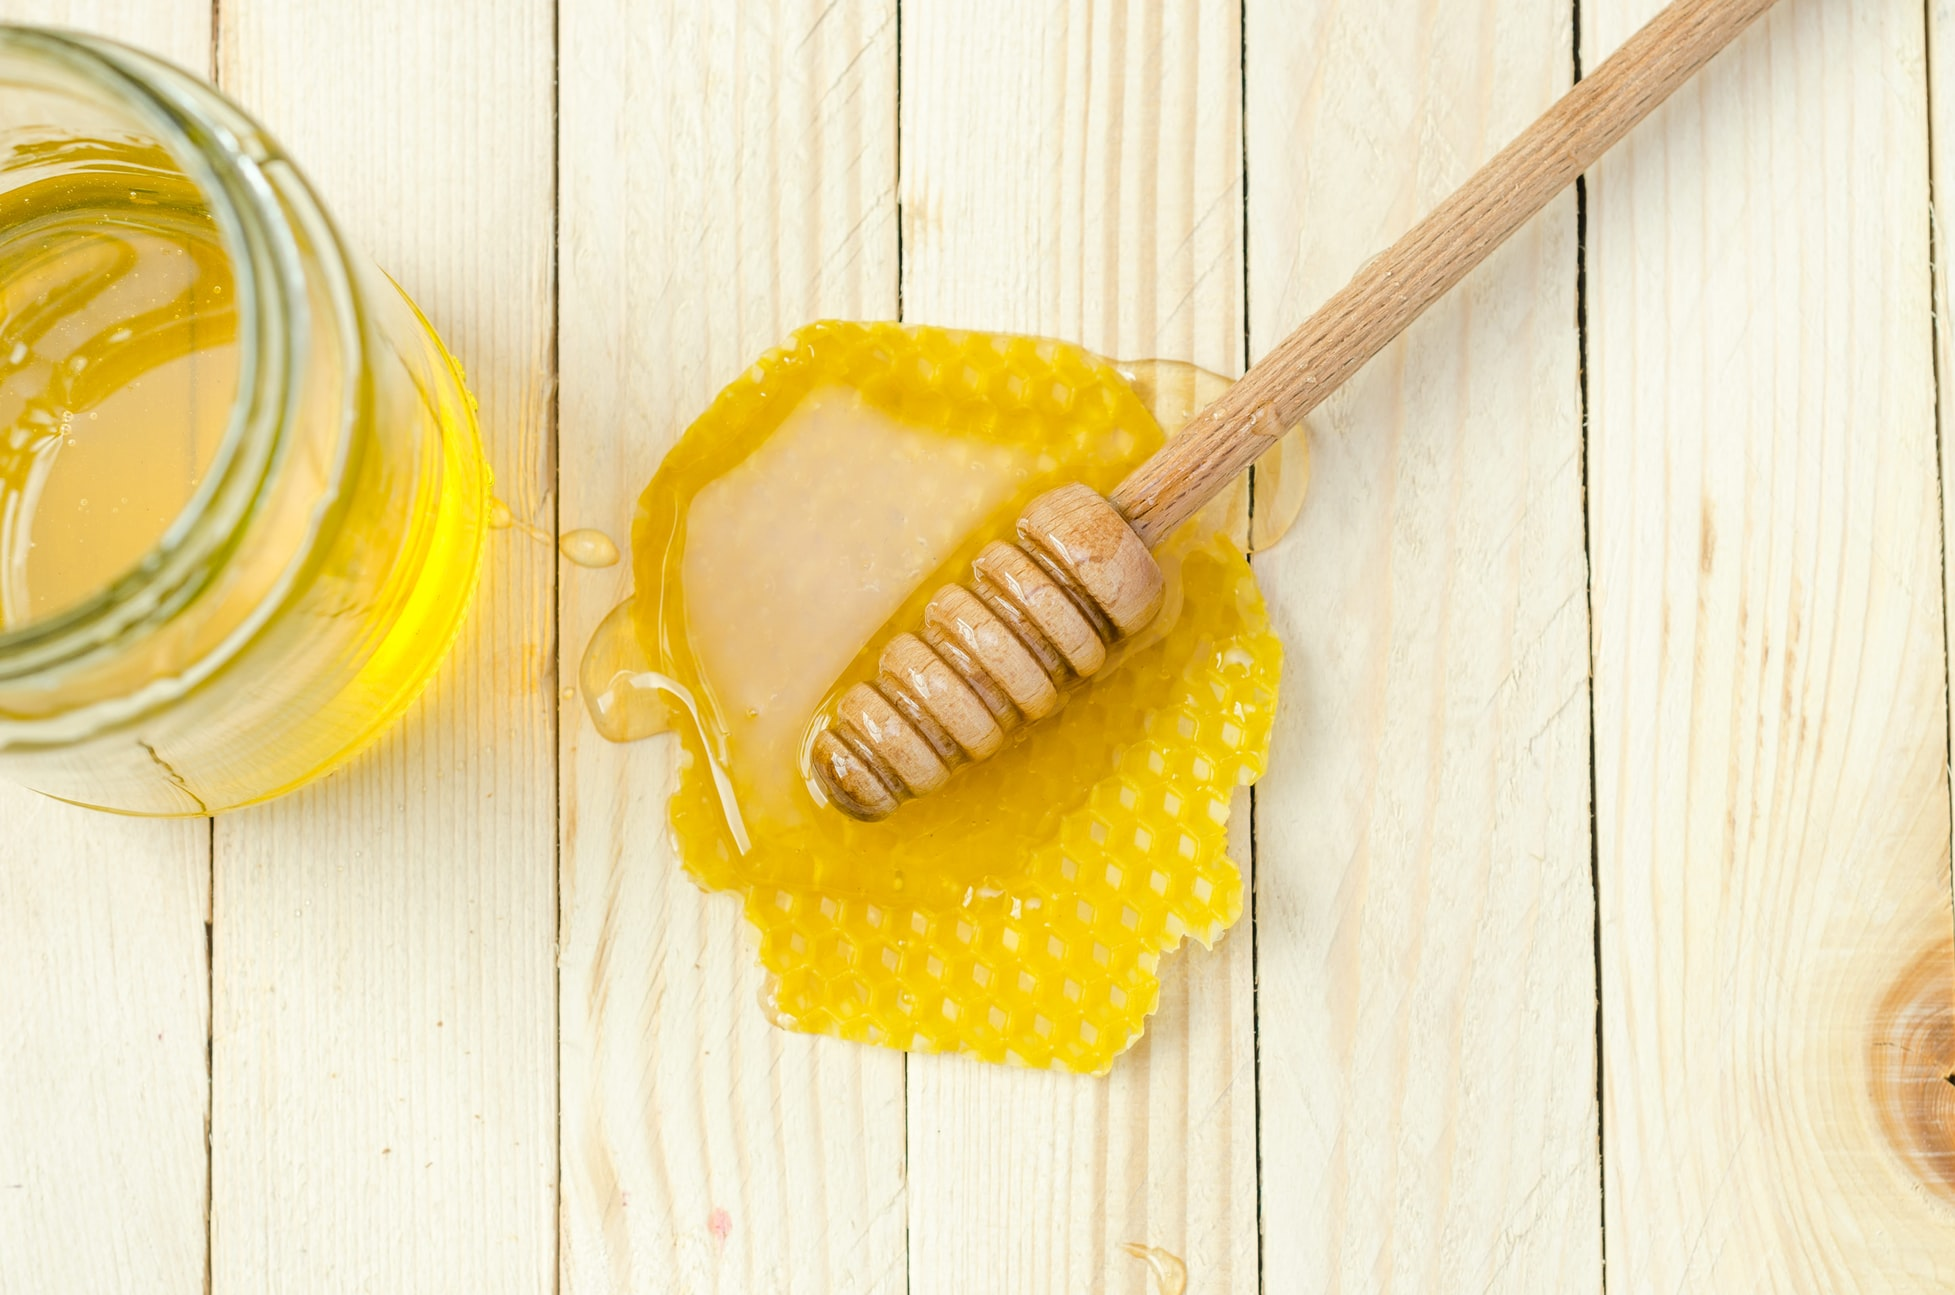 Saiba quais são os benefícios do mel para a saúde